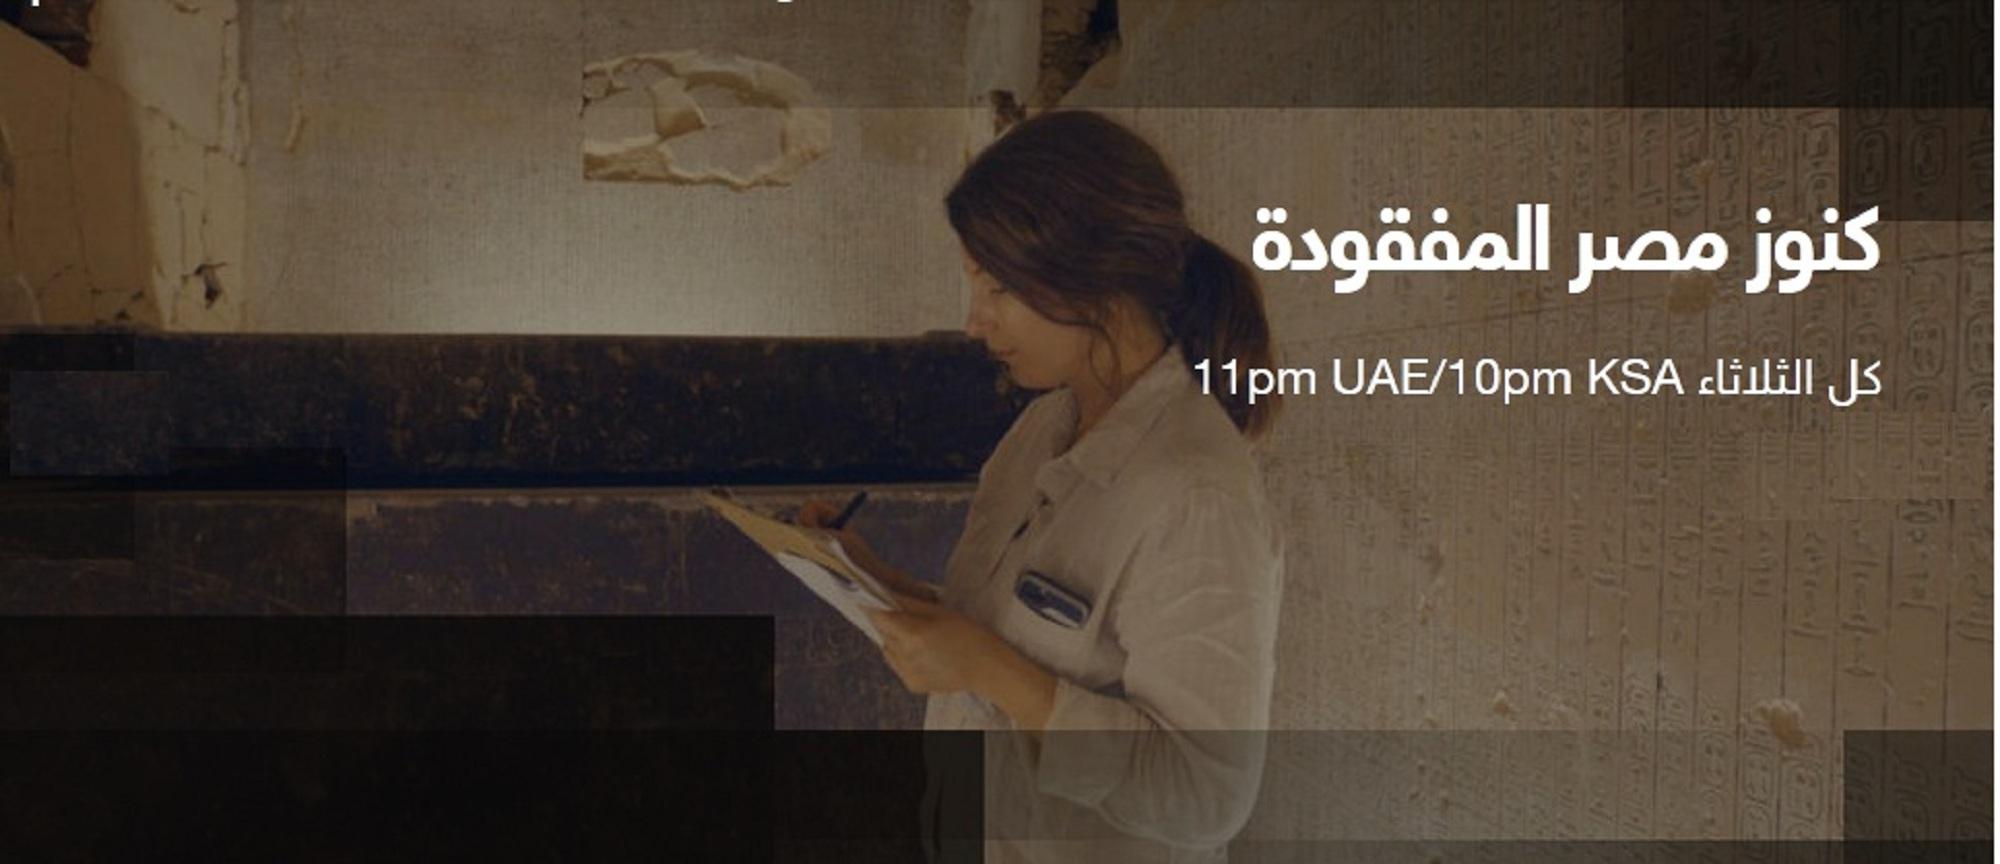 تردد قناة ناشونال جيوجرافيك أبوظبي 2021 على نايل سات ومواعيد عرض الفيلم الوثائقي المميز مصنع المأكولات